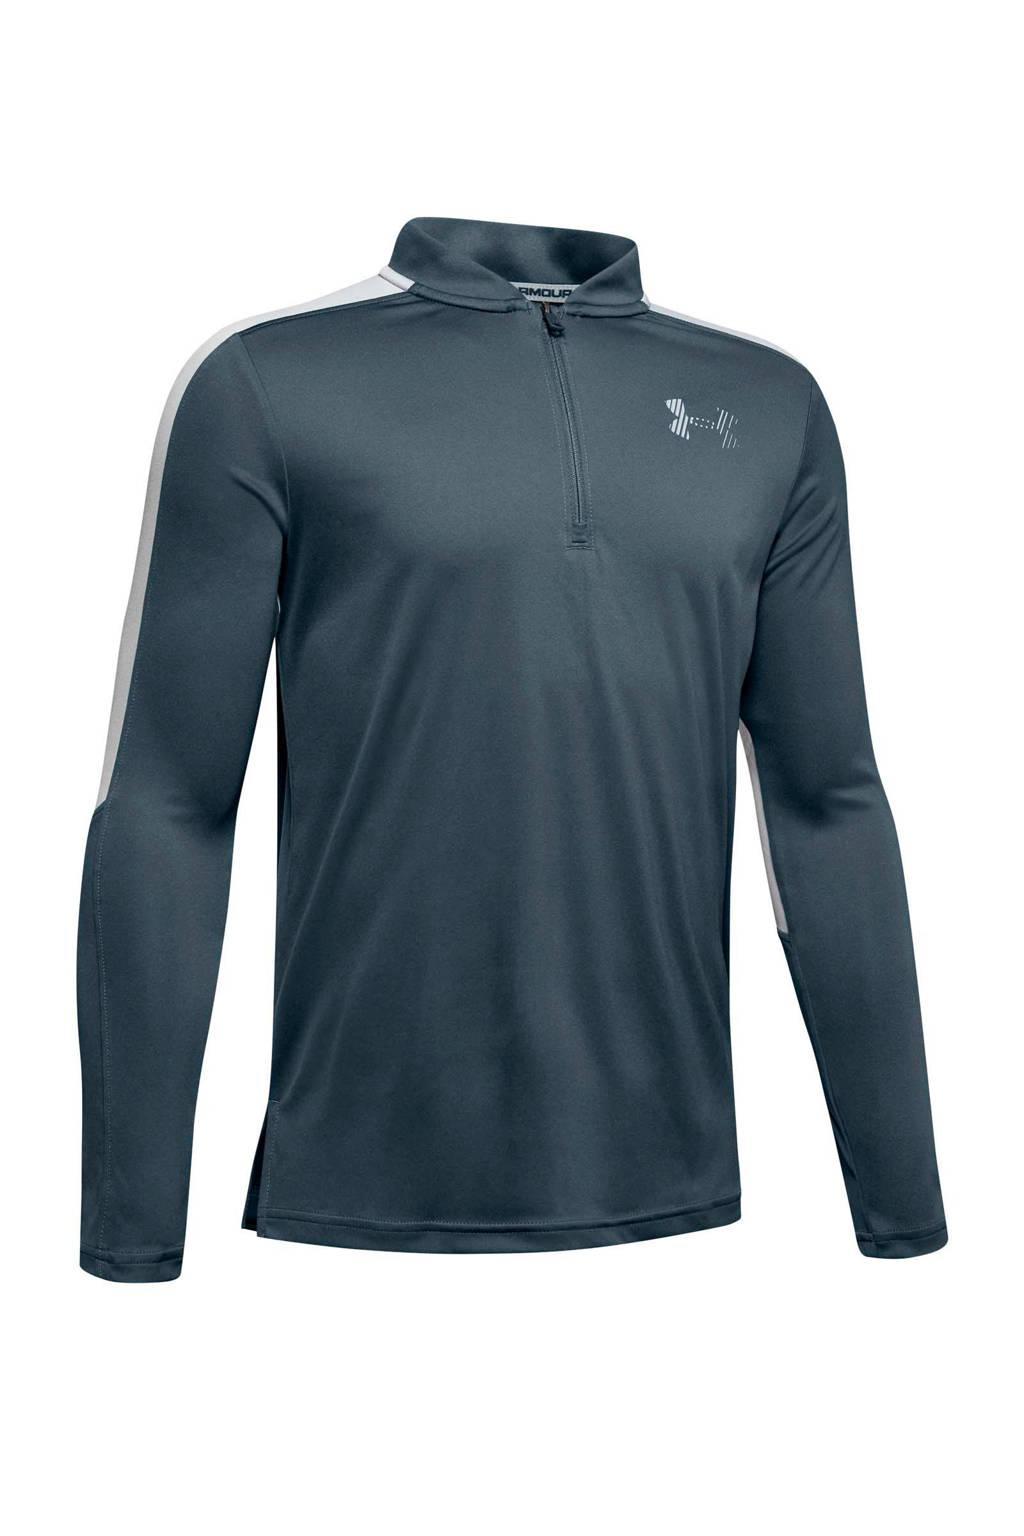 Under Armour   sport T-shirt grijs, Grijs